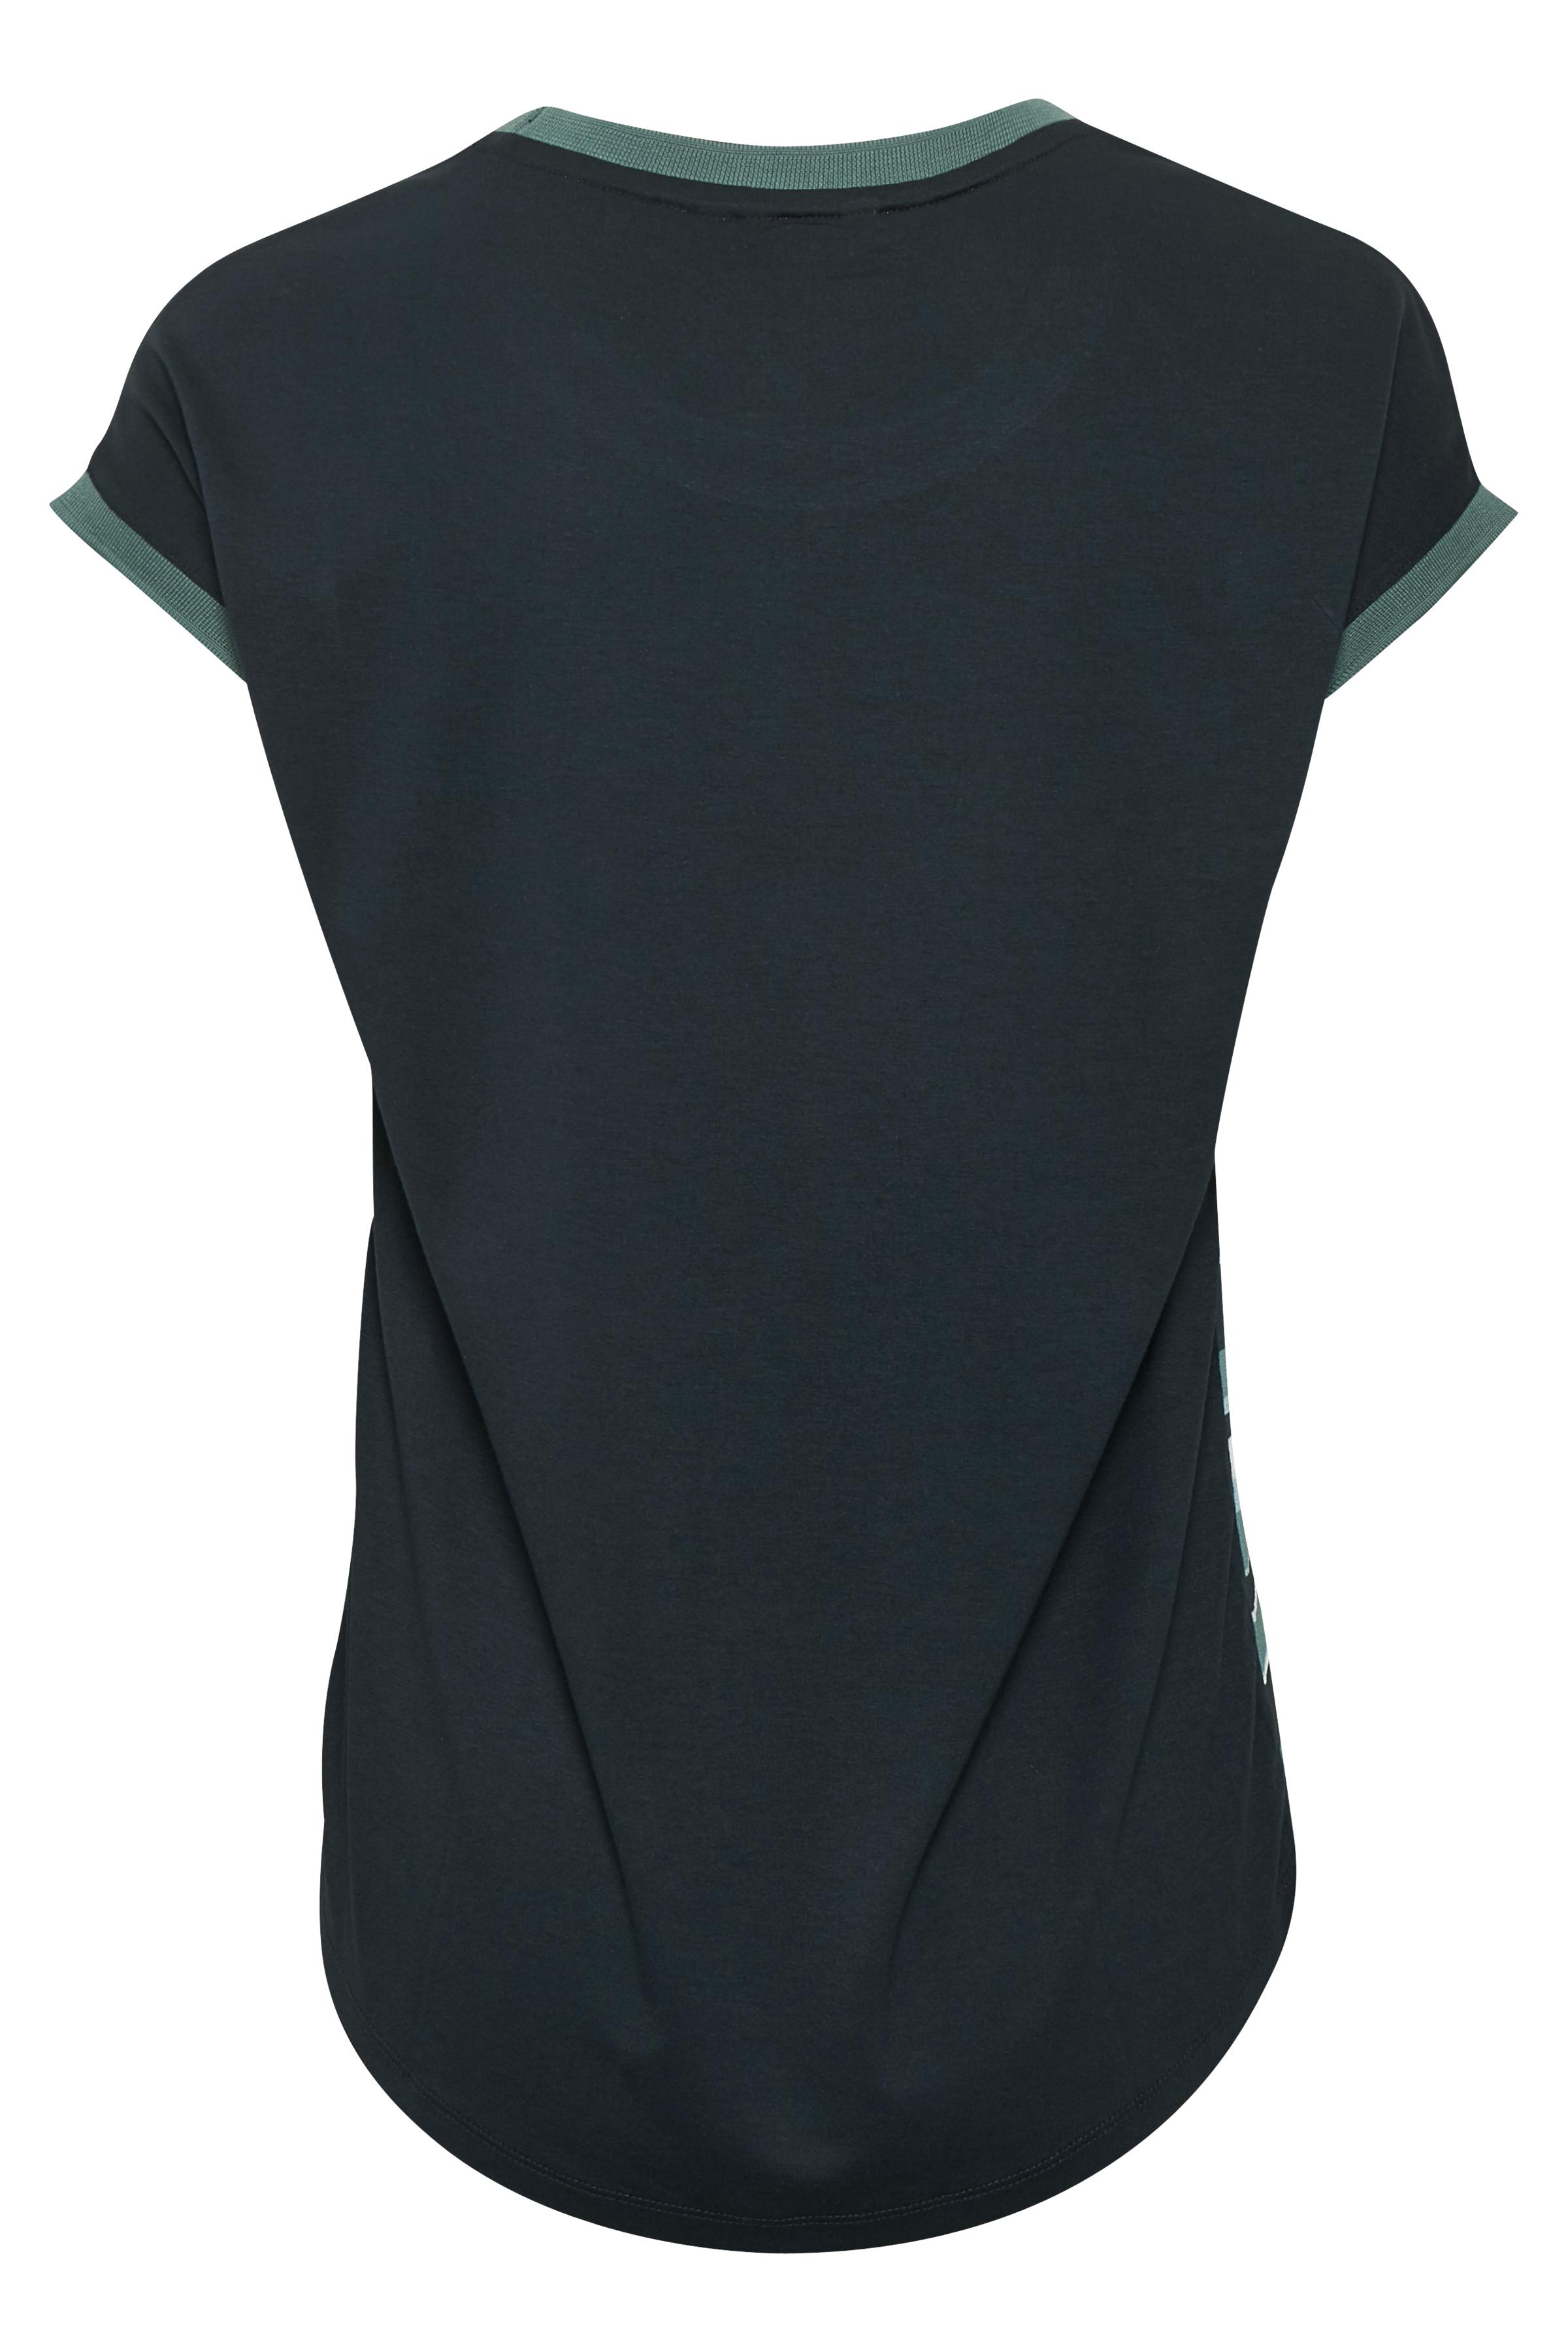 Staubgrün/blau Kurzarm-Bluse  von Bon'A Parte – Shoppen Sie Staubgrün/blau Kurzarm-Bluse  ab Gr. S-2XL hier